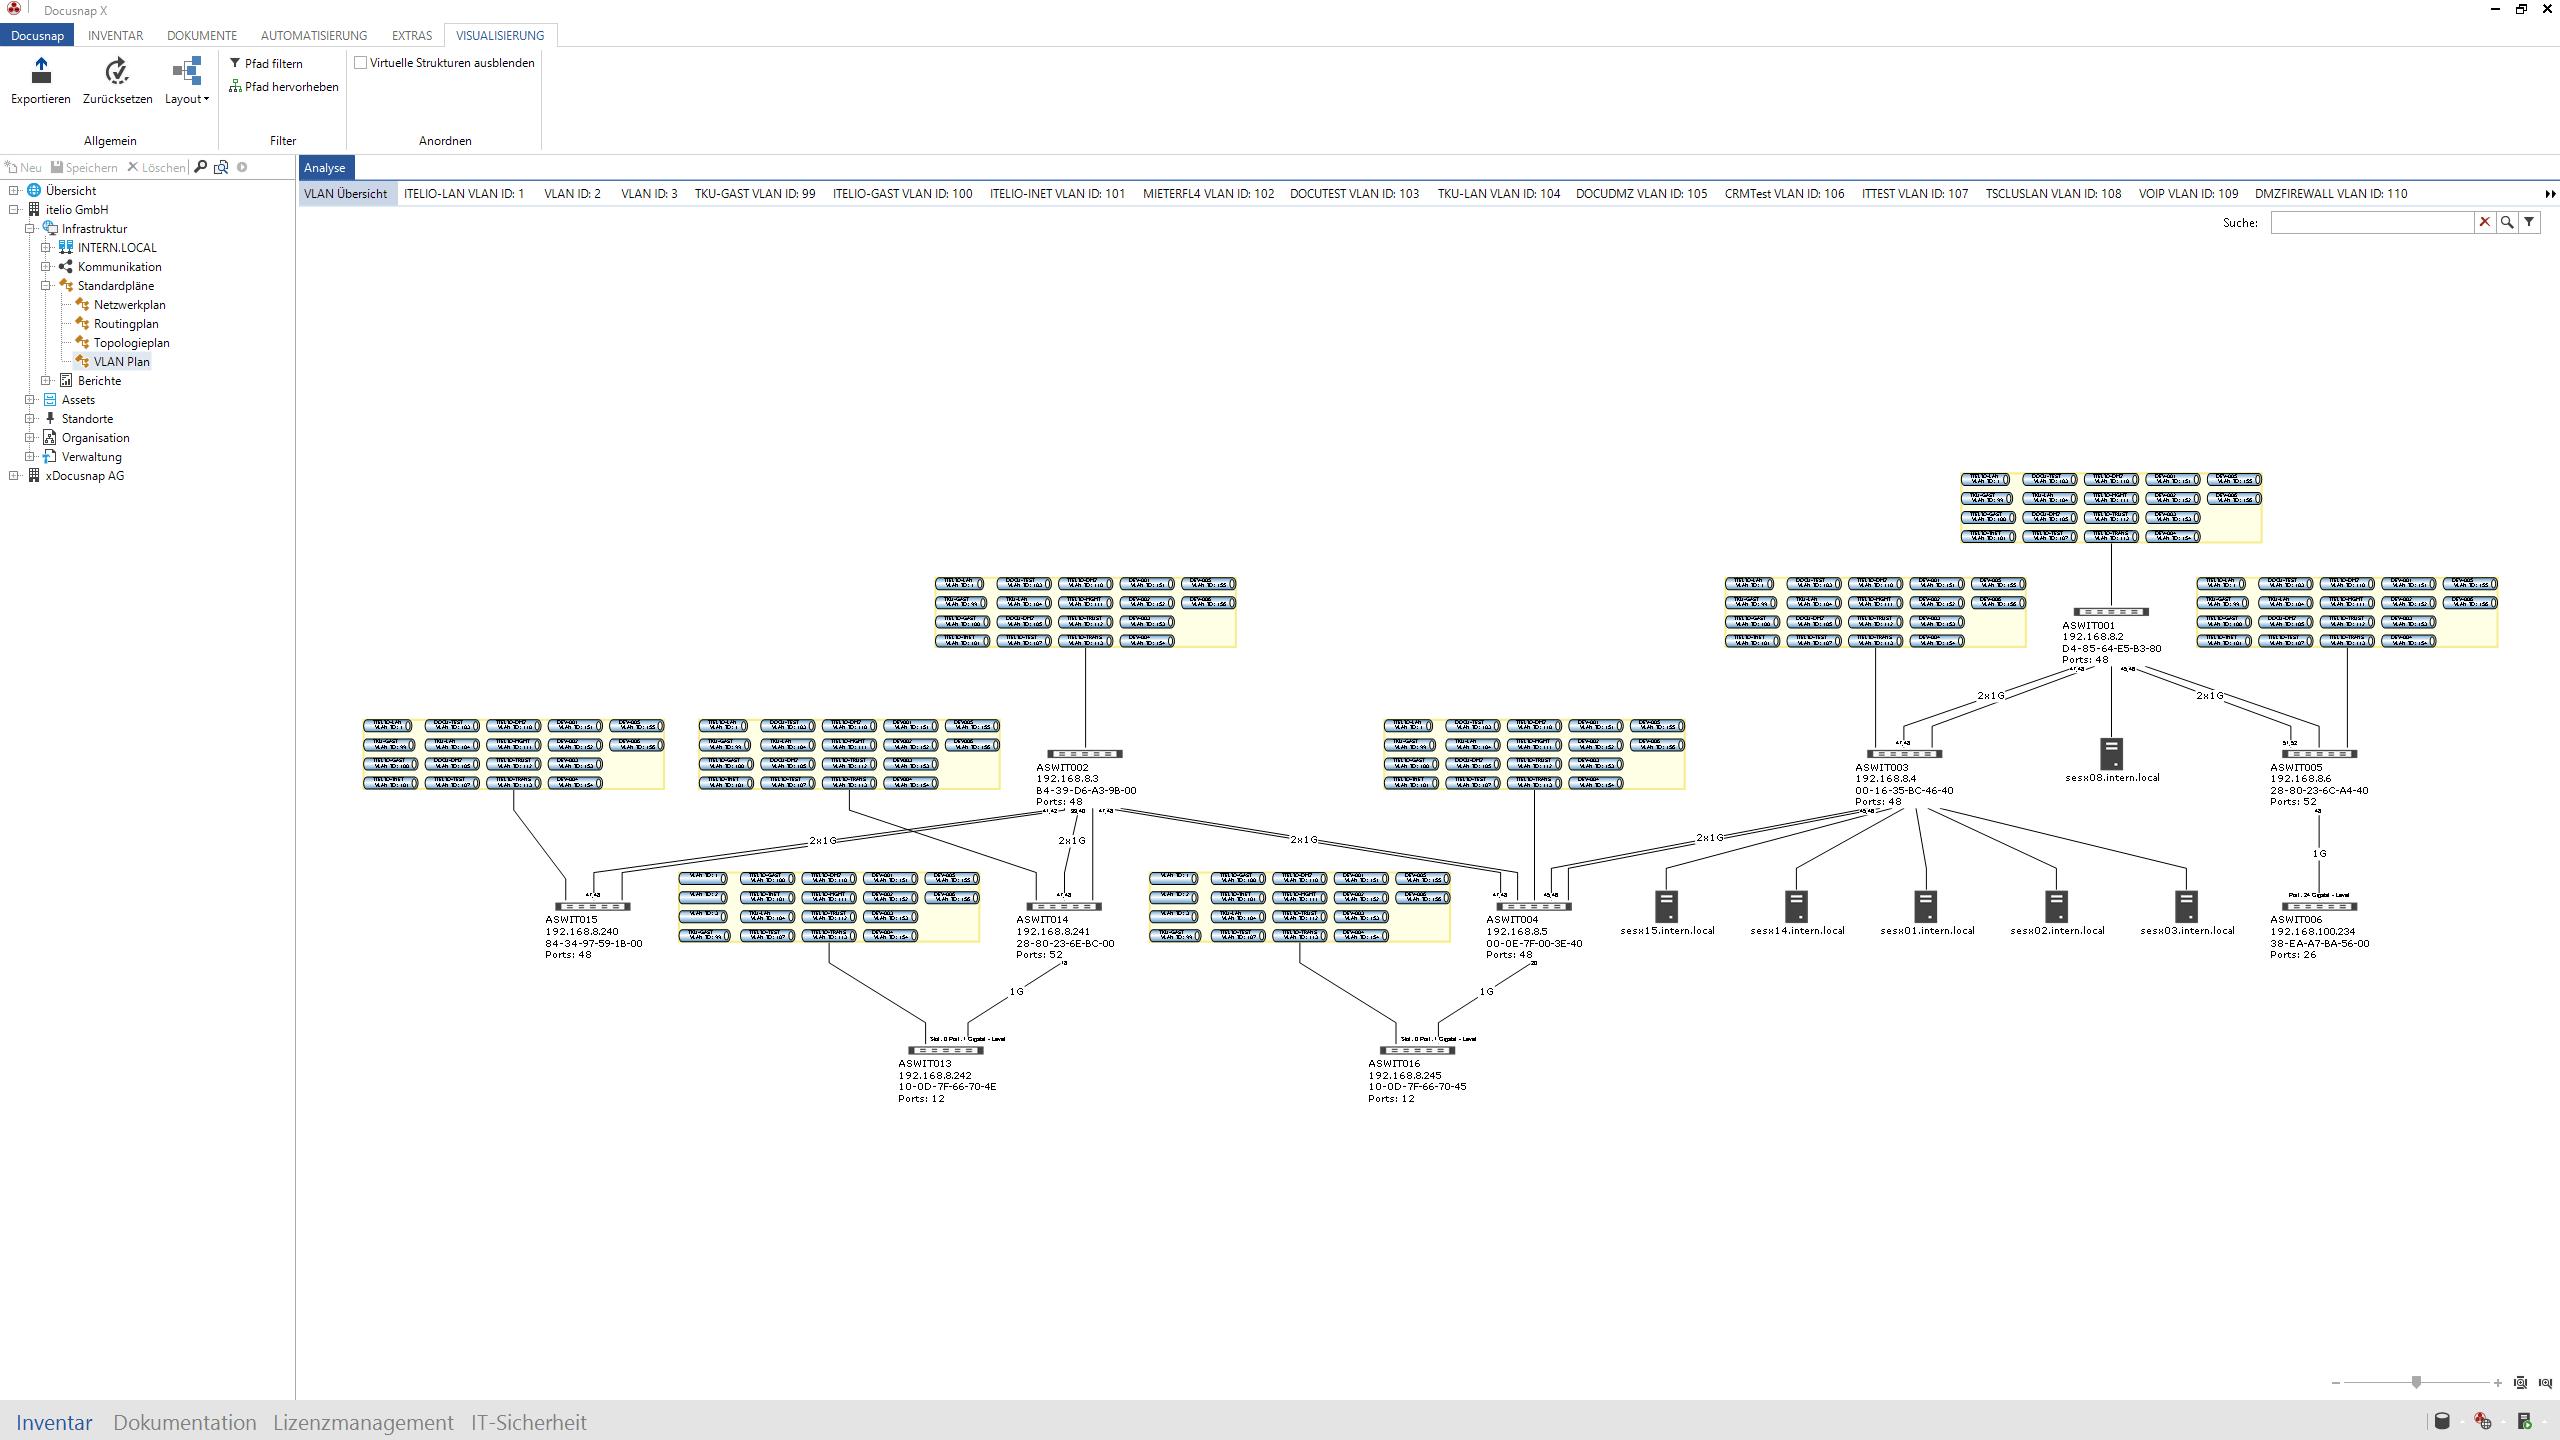 Visualisierung von automatisch inventarisierten VLANs